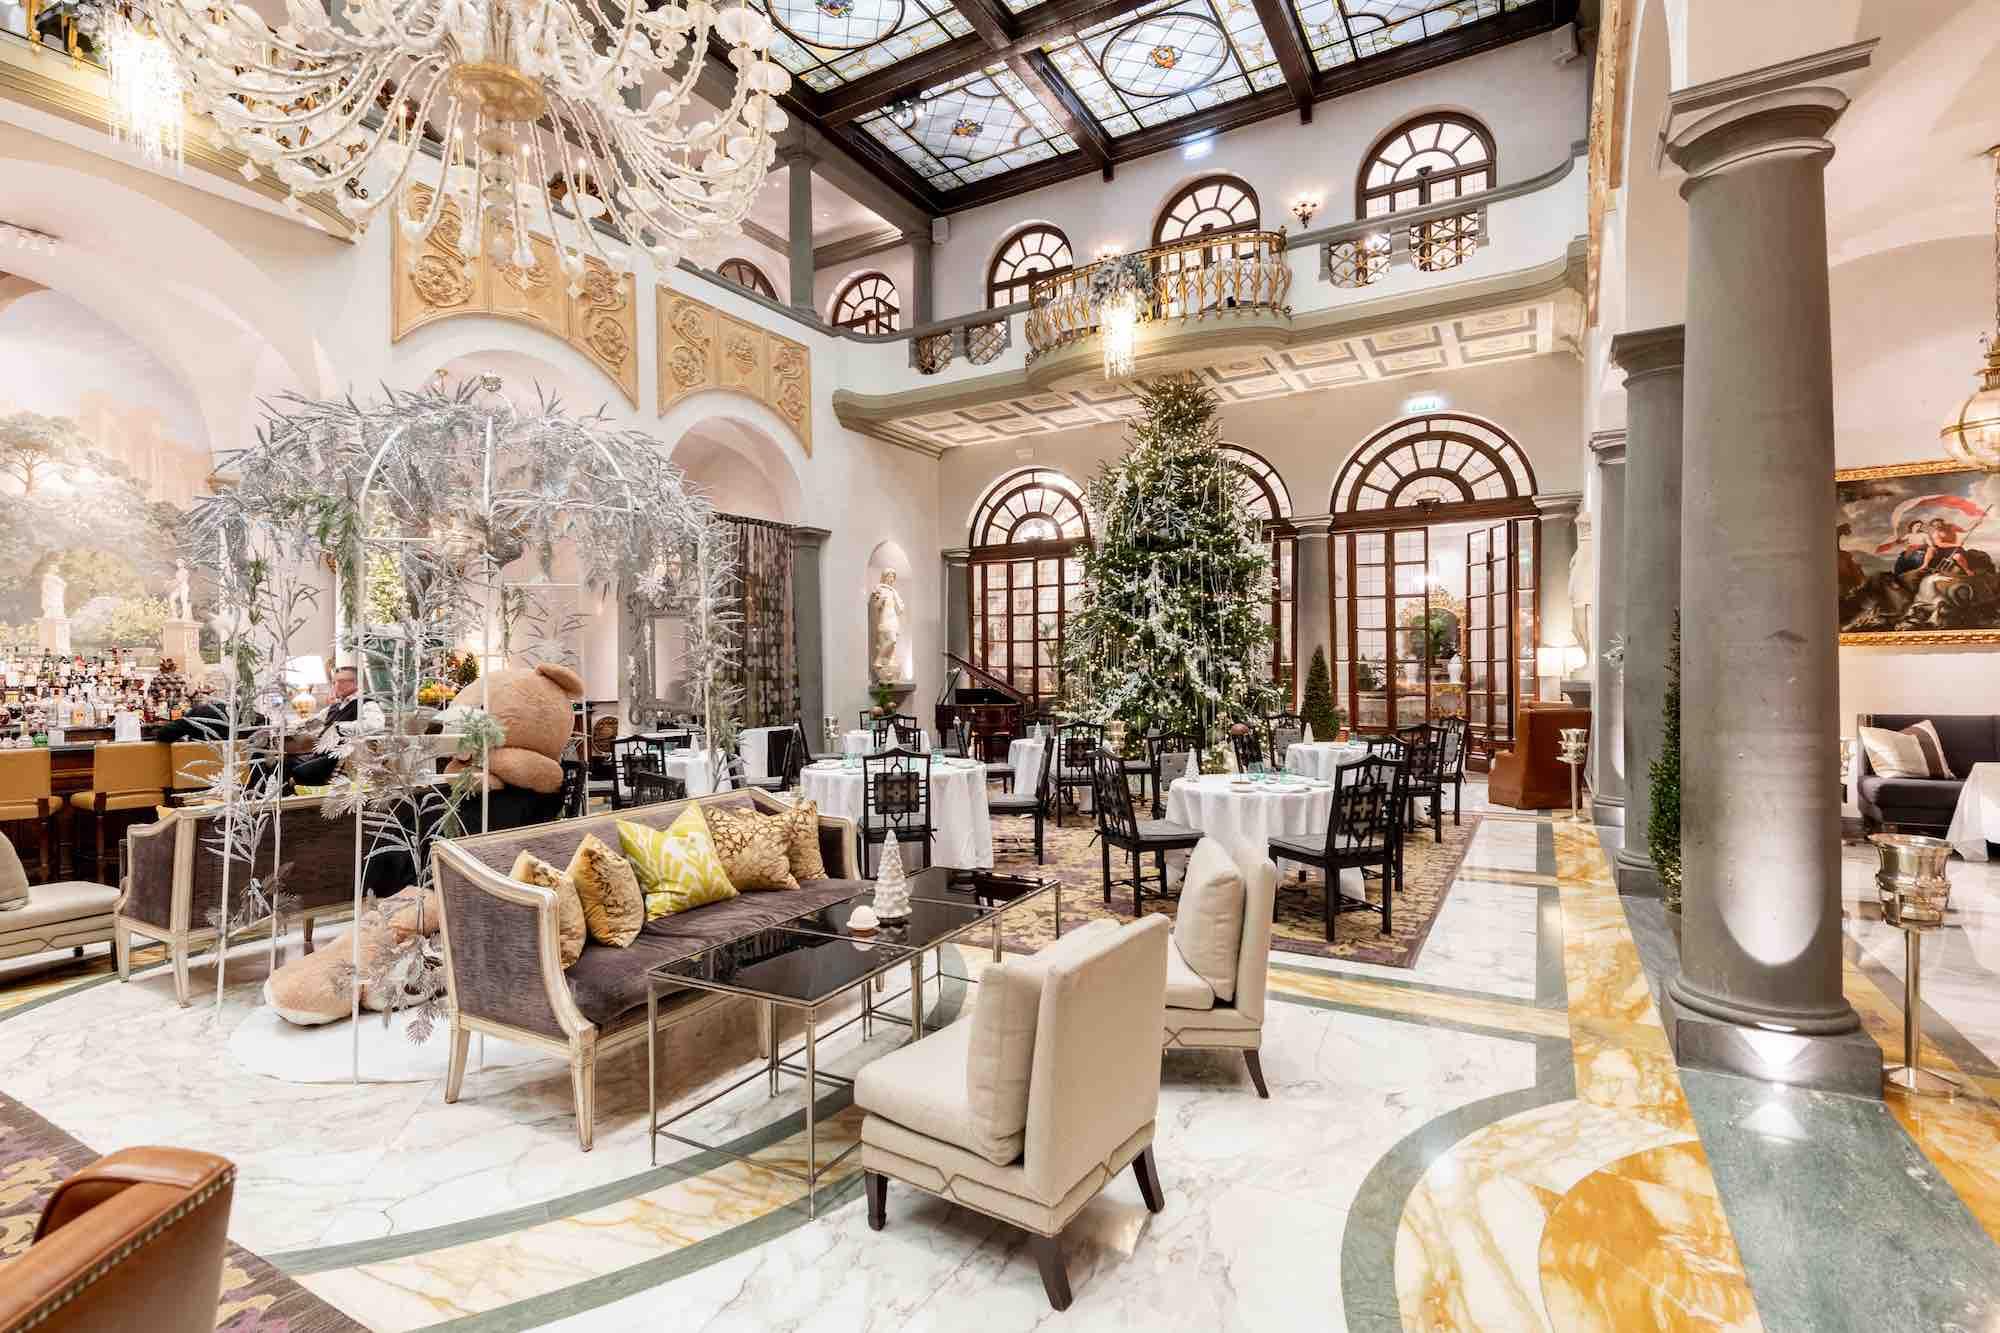 Capodanno 2020 A Firenze I 5 Cenoni Nei Migliori Luxury